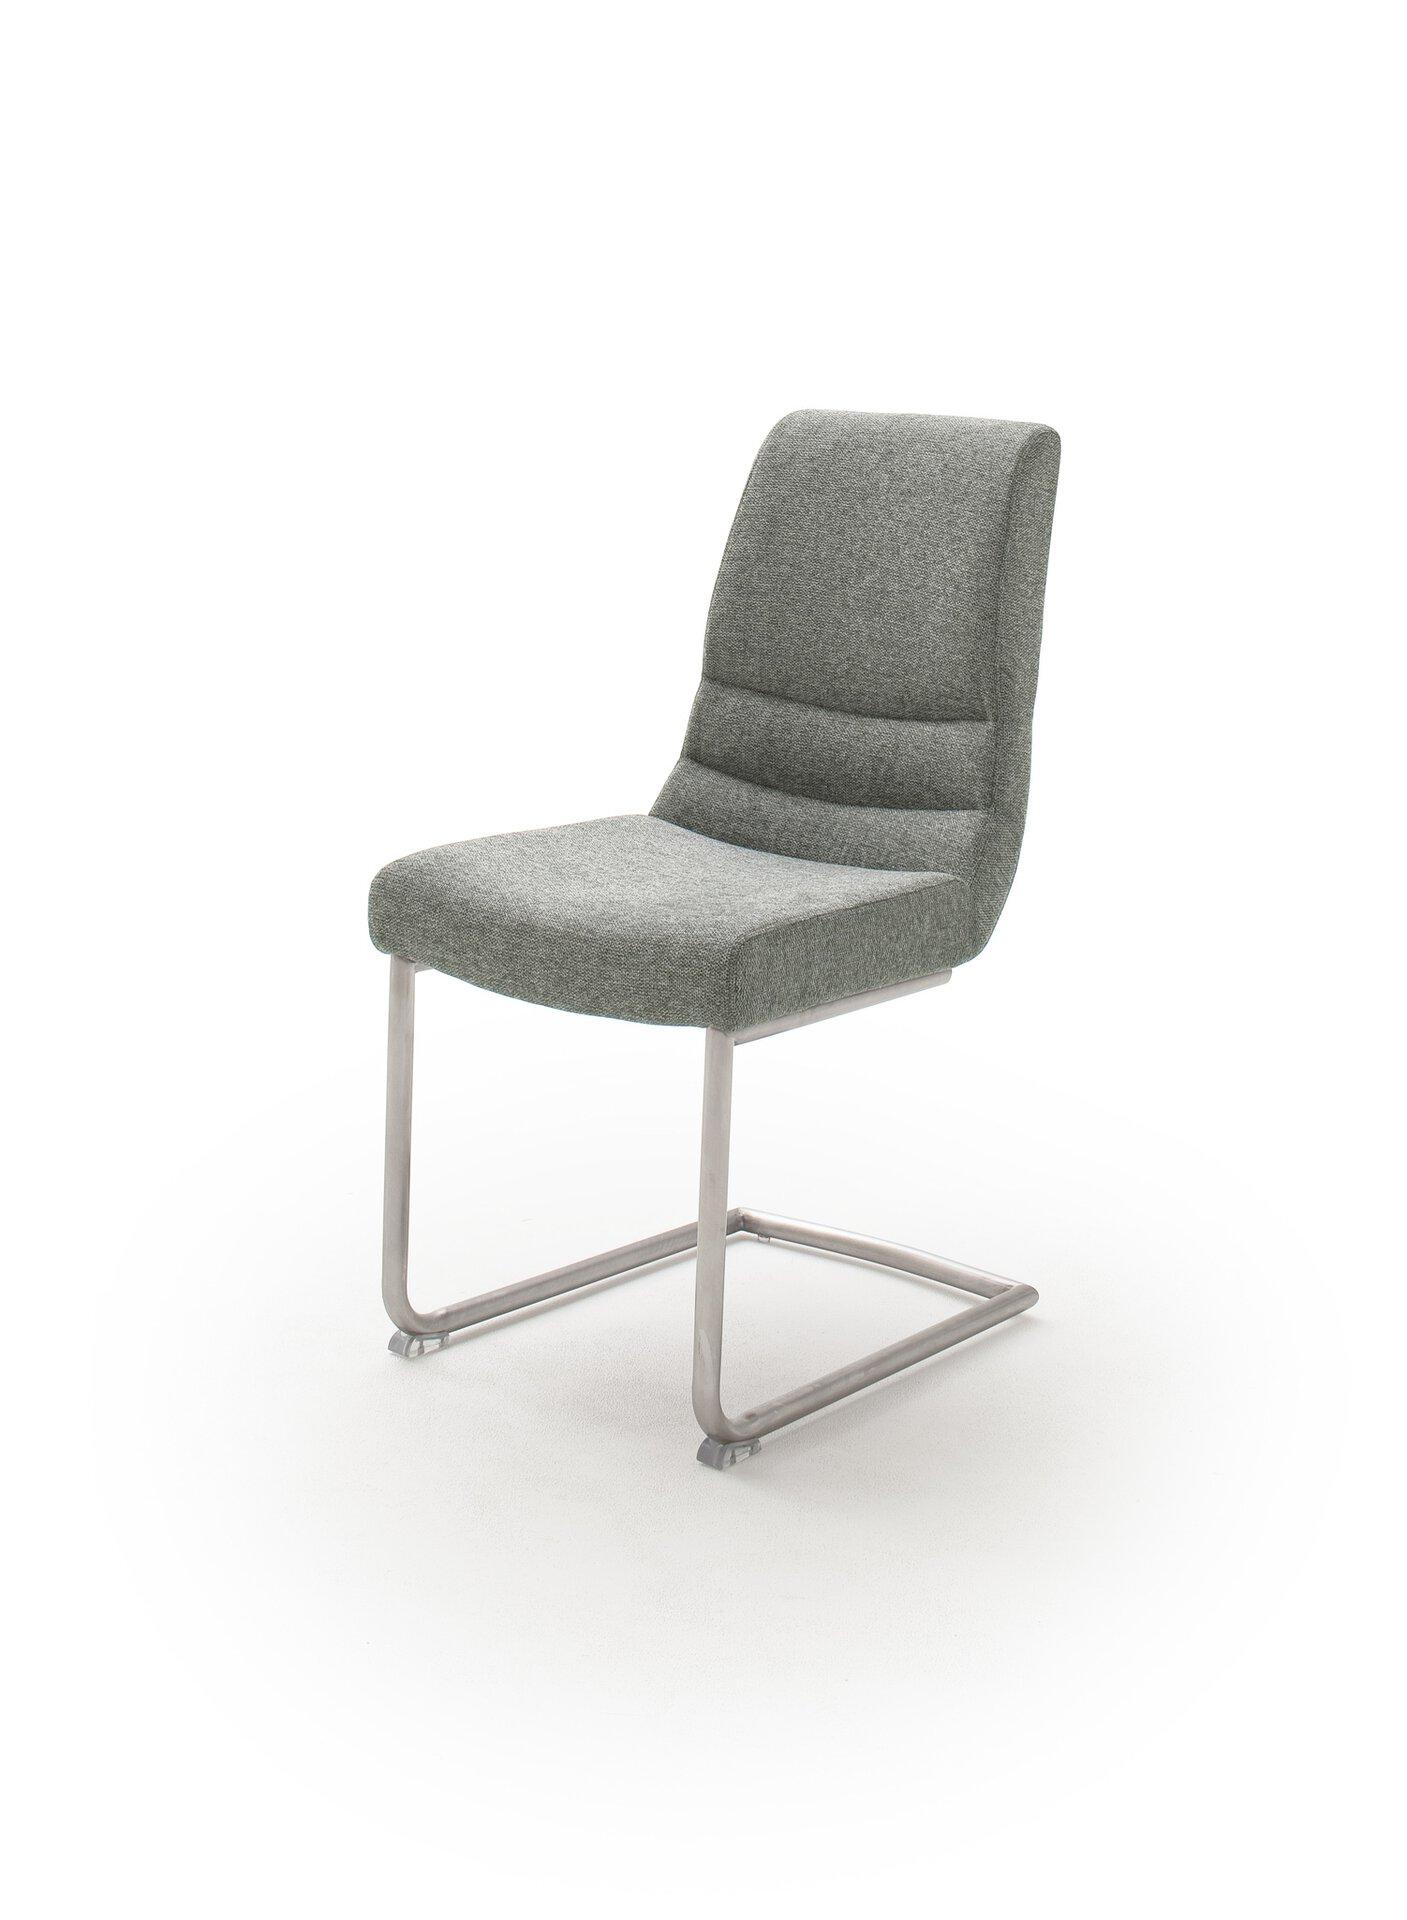 Freischwingerstuhl MONTERA MCA furniture Textil mehrfarbig 43 x 48 x 45 cm